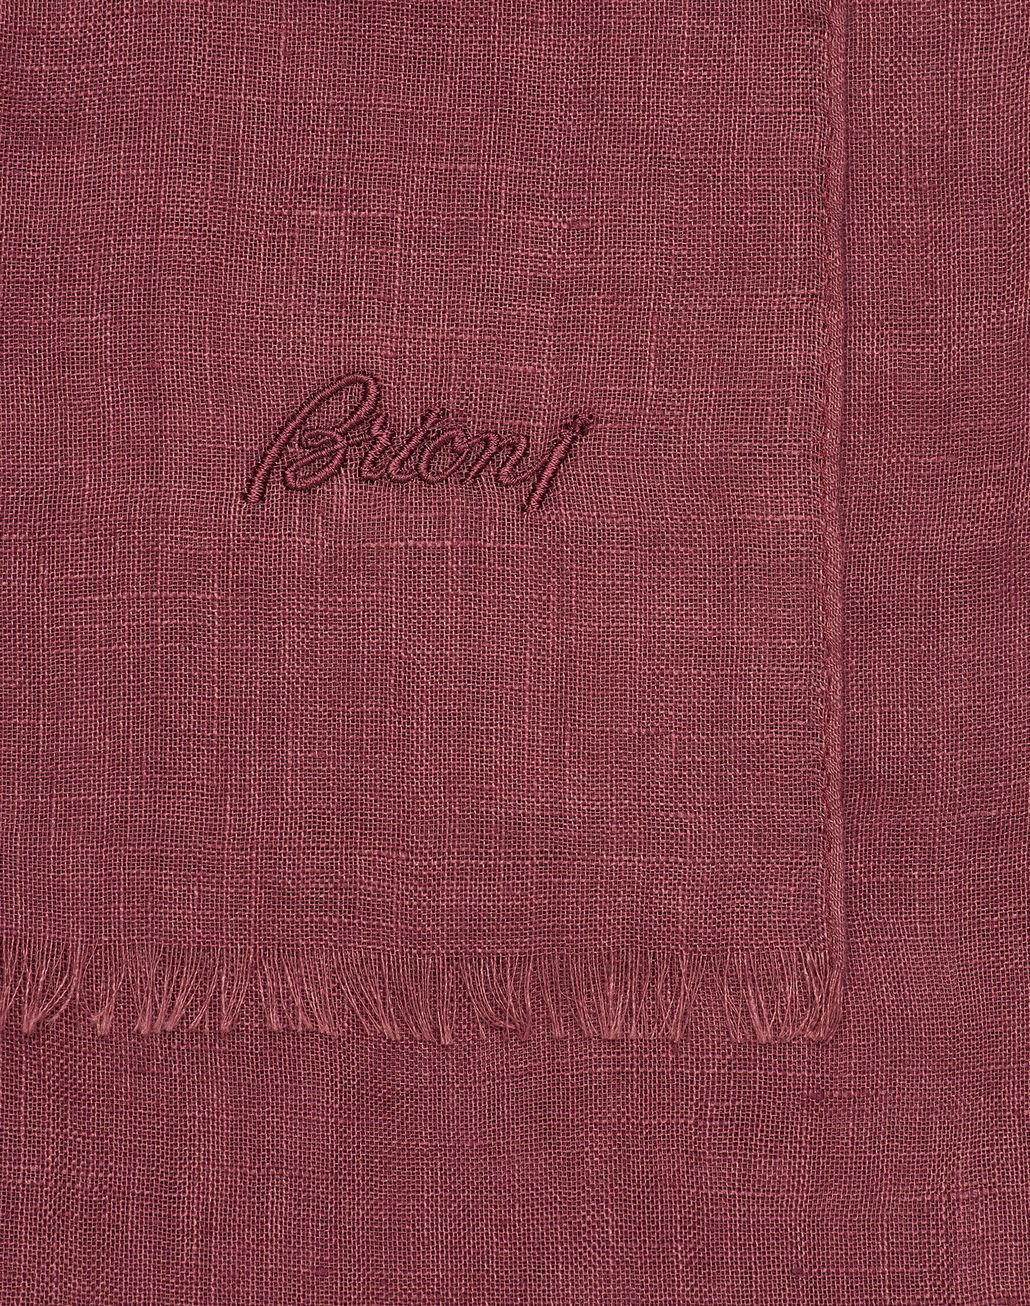 BRIONI Bordeaux Linen Scarf Foulards & Scarves Man d